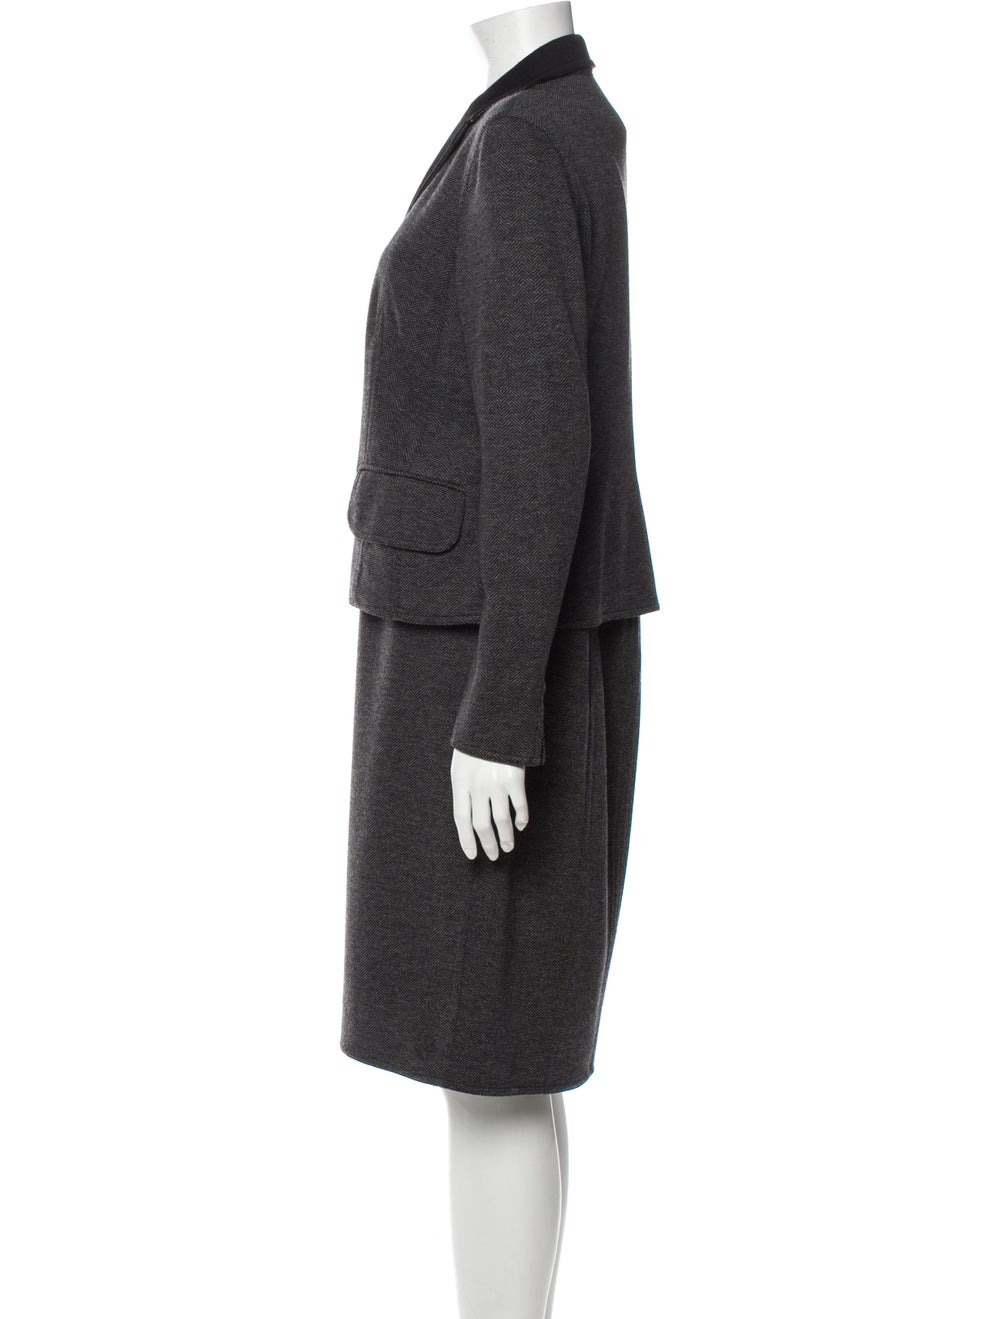 Akris Tweed Pattern Dress Set Grey - image 2